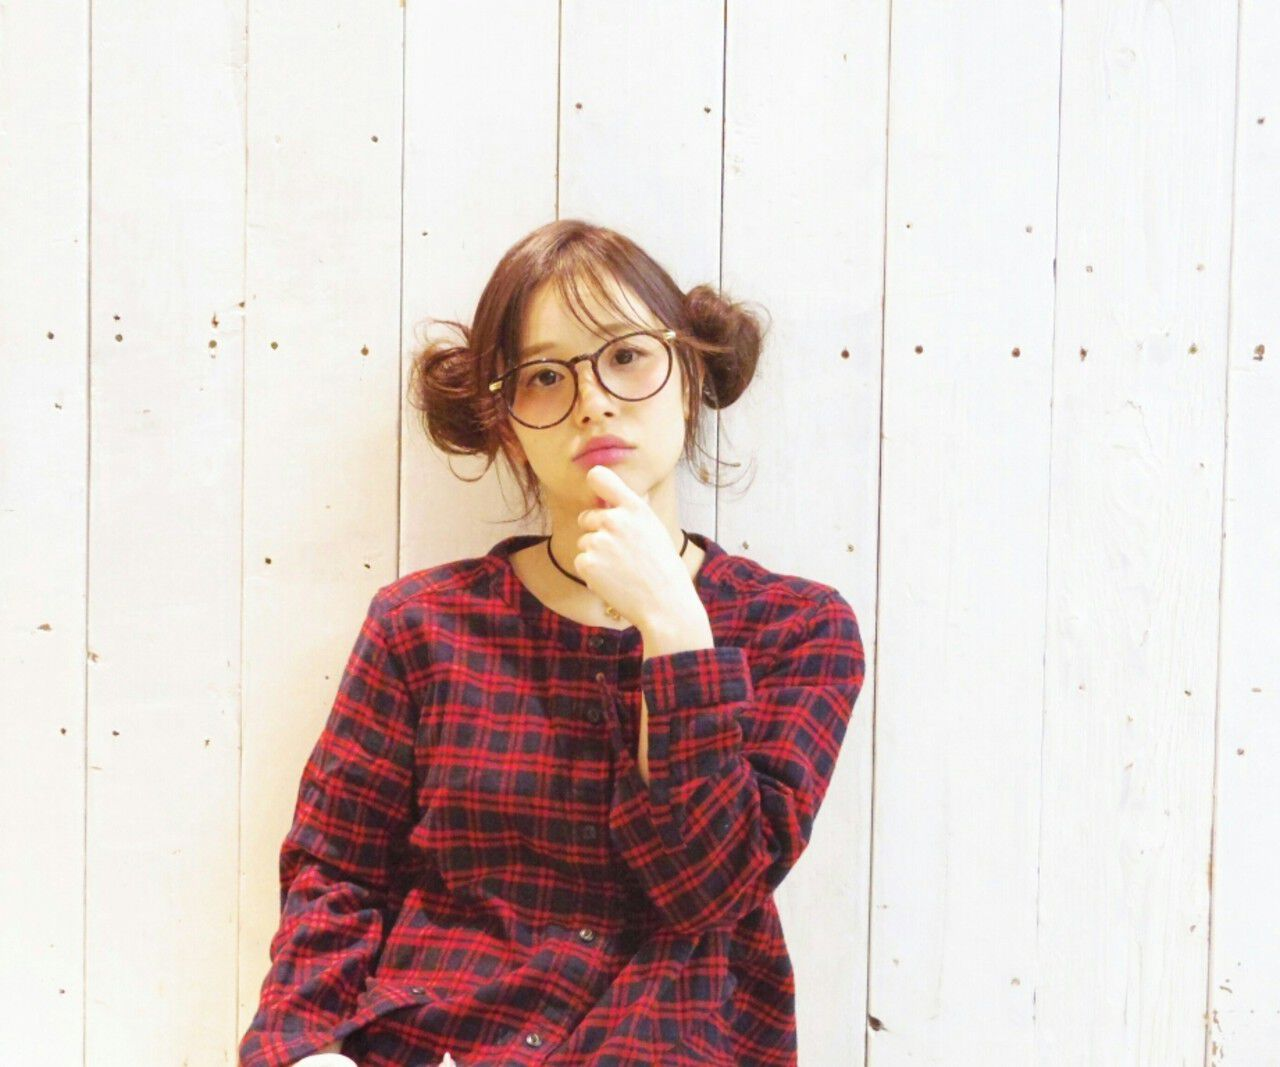 ヘアアレンジ ミディアム お団子 簡単ヘアアレンジヘアスタイルや髪型の写真・画像